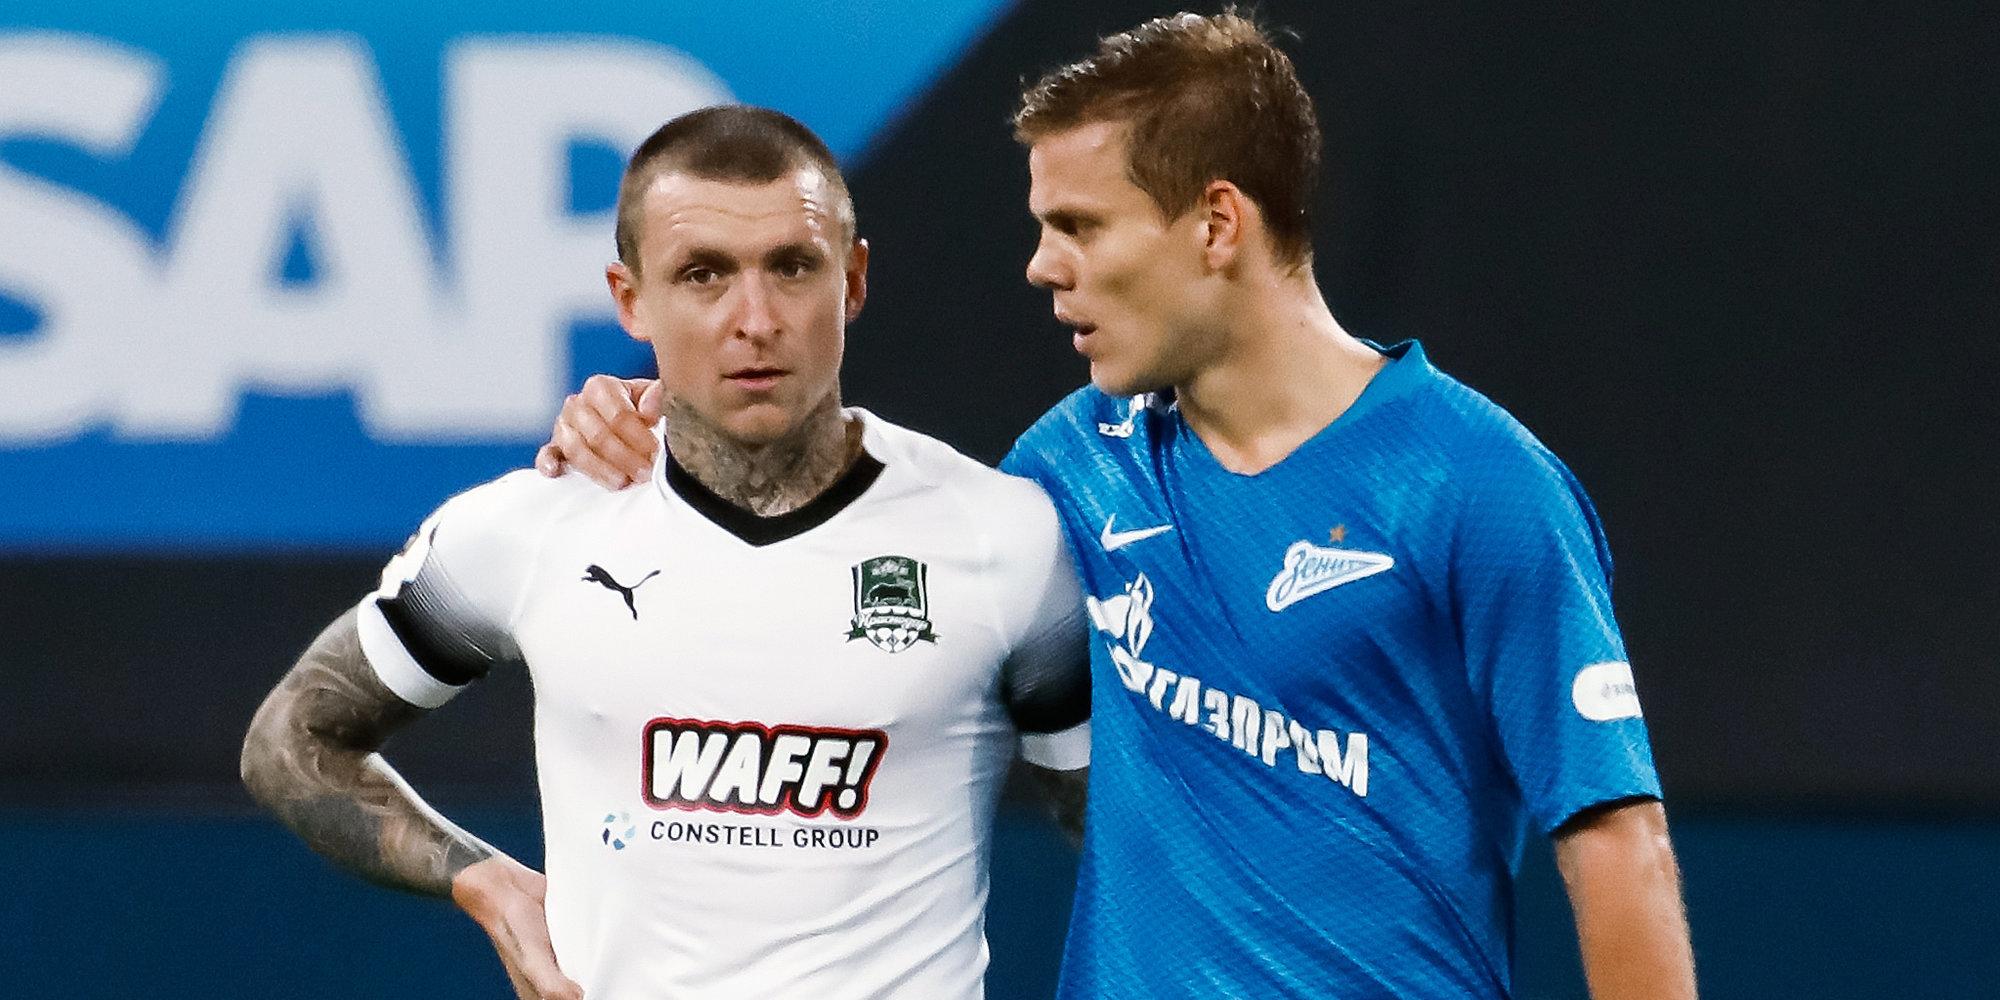 В УЕФА прокомментировали инцидент с Кокориным и Мамаевым